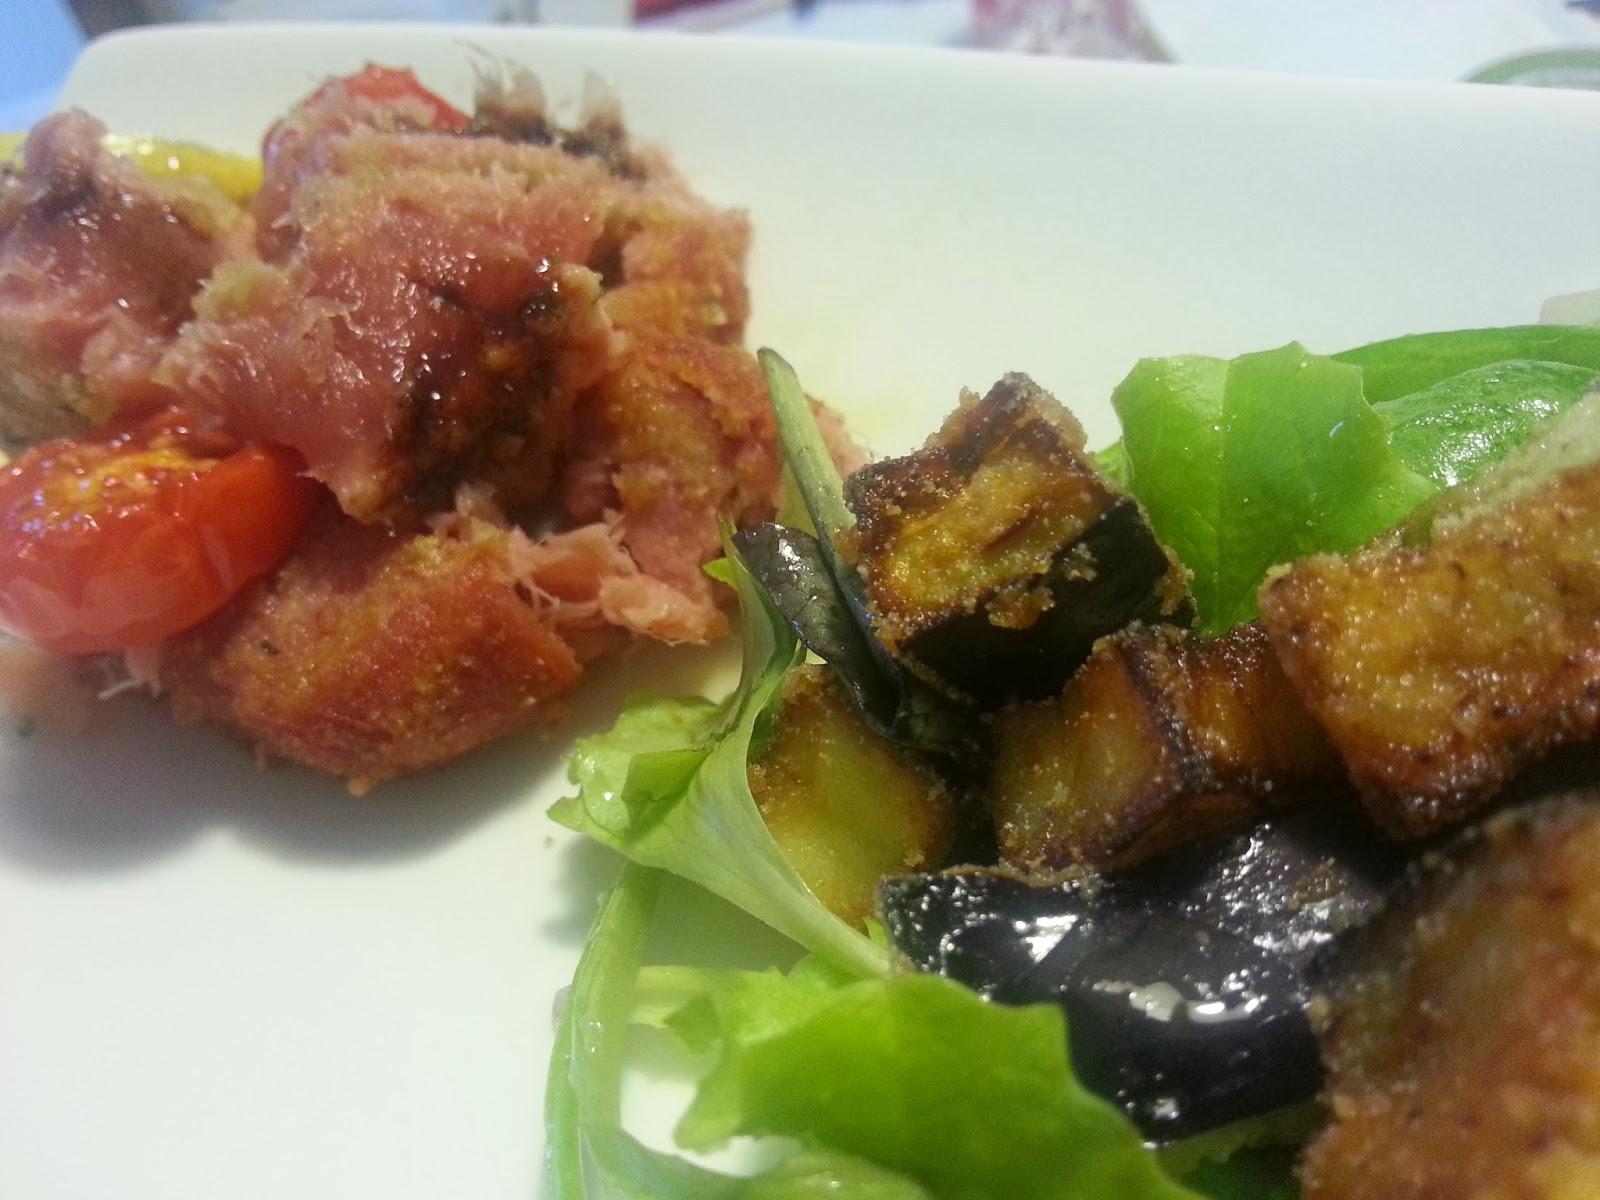 Fatemi cucinare tonno e melanzane mangiar di magro - Cucinare tonno fresco ...